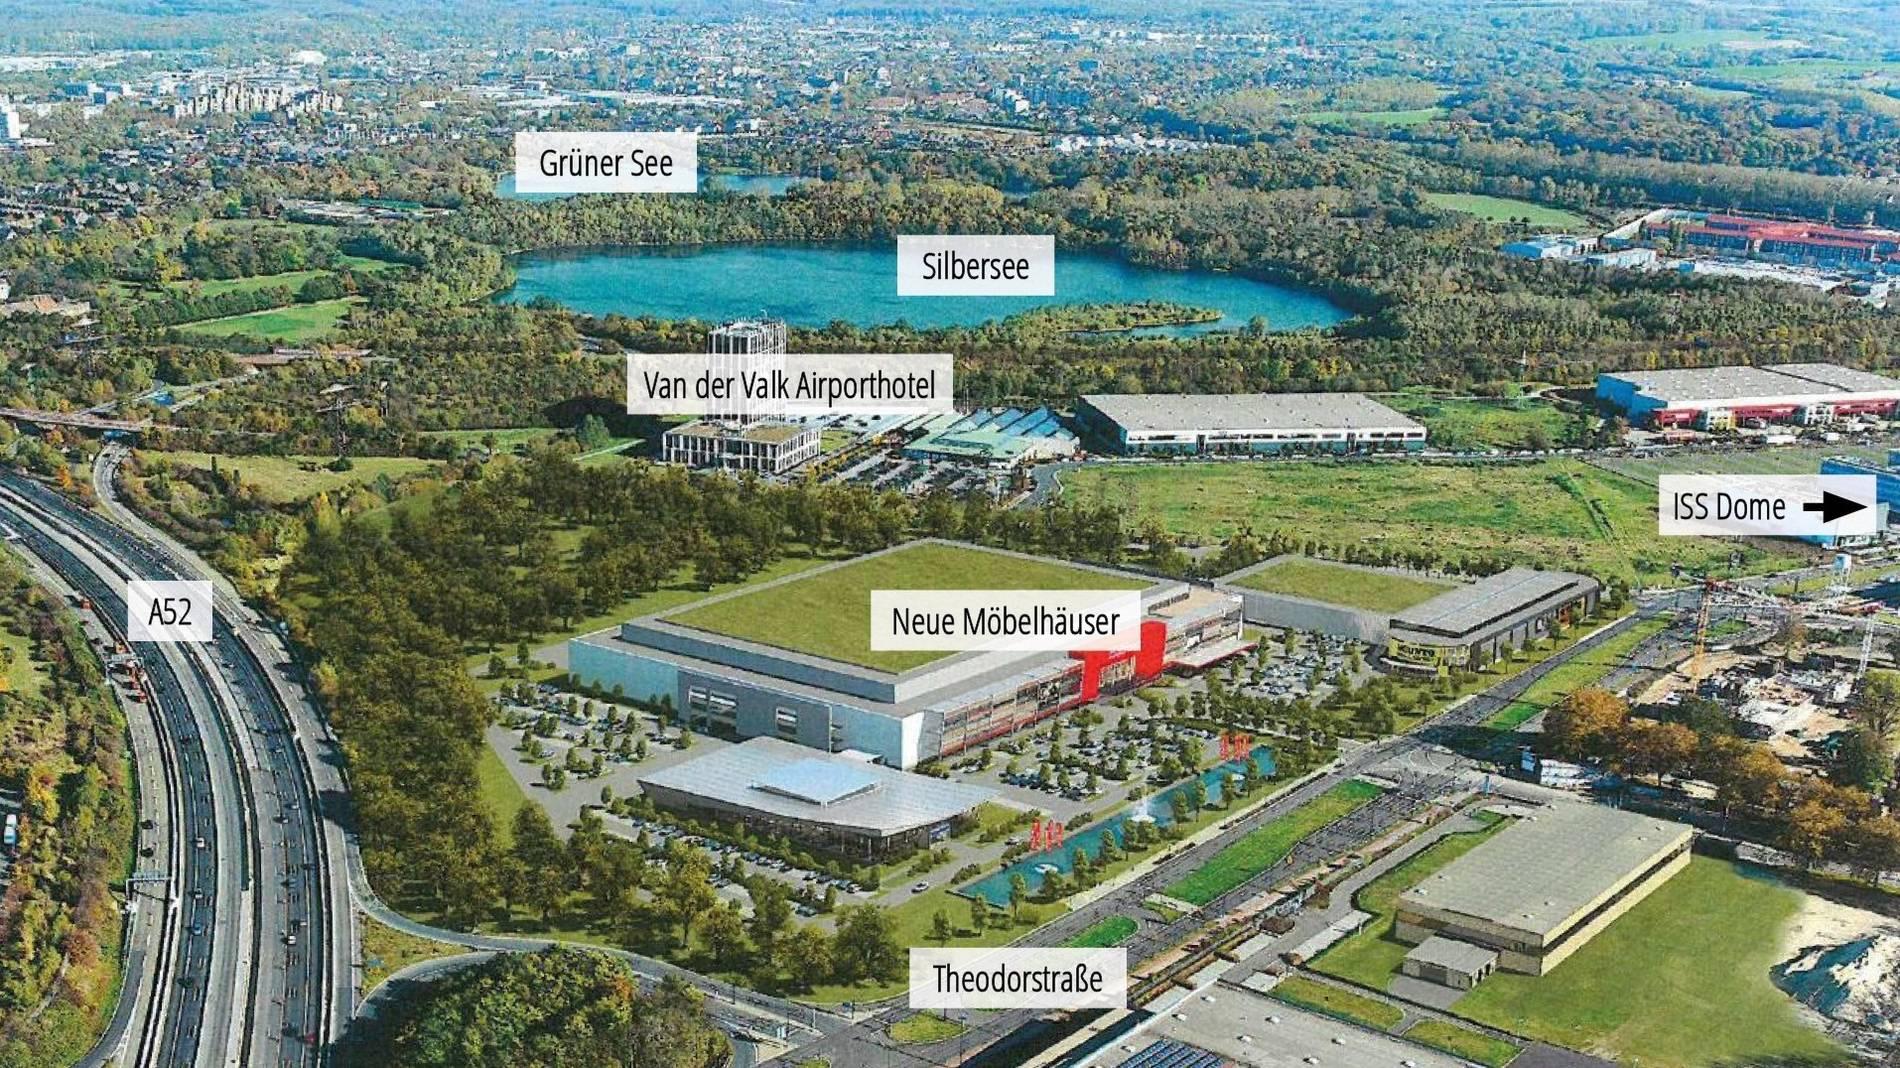 Krieger Stellt Möbelhaus Pläne In Düsseldorf Zurück